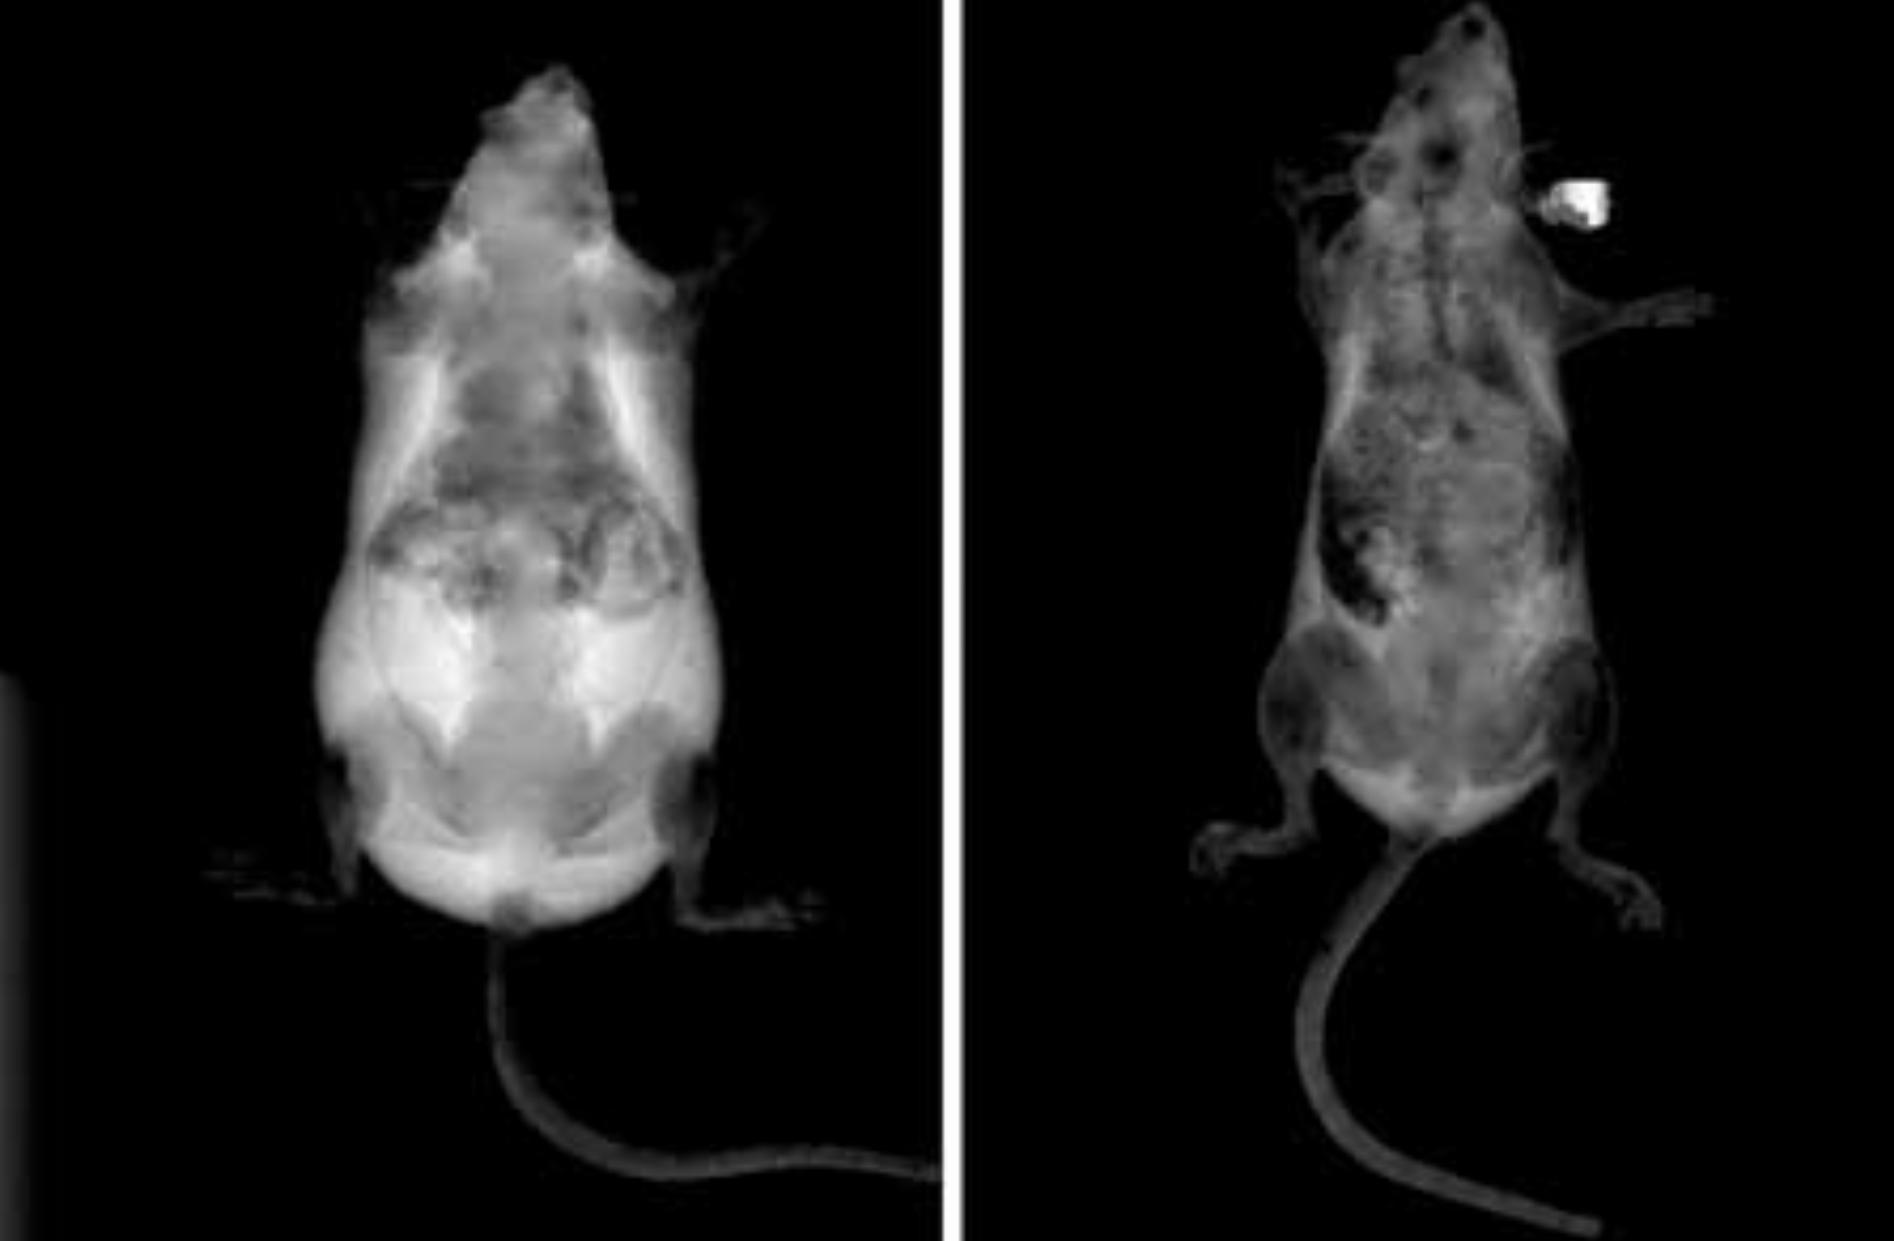 Des chercheurs de l'Université de médecine de Washington ont réussi à empêcher les souris de devenir obèses, même lorsqu'elles ont suivi un régime riche en graisses. La méthode des scientifiques : désactiver le gène ASXL2 dans des cellules inflammatoires.